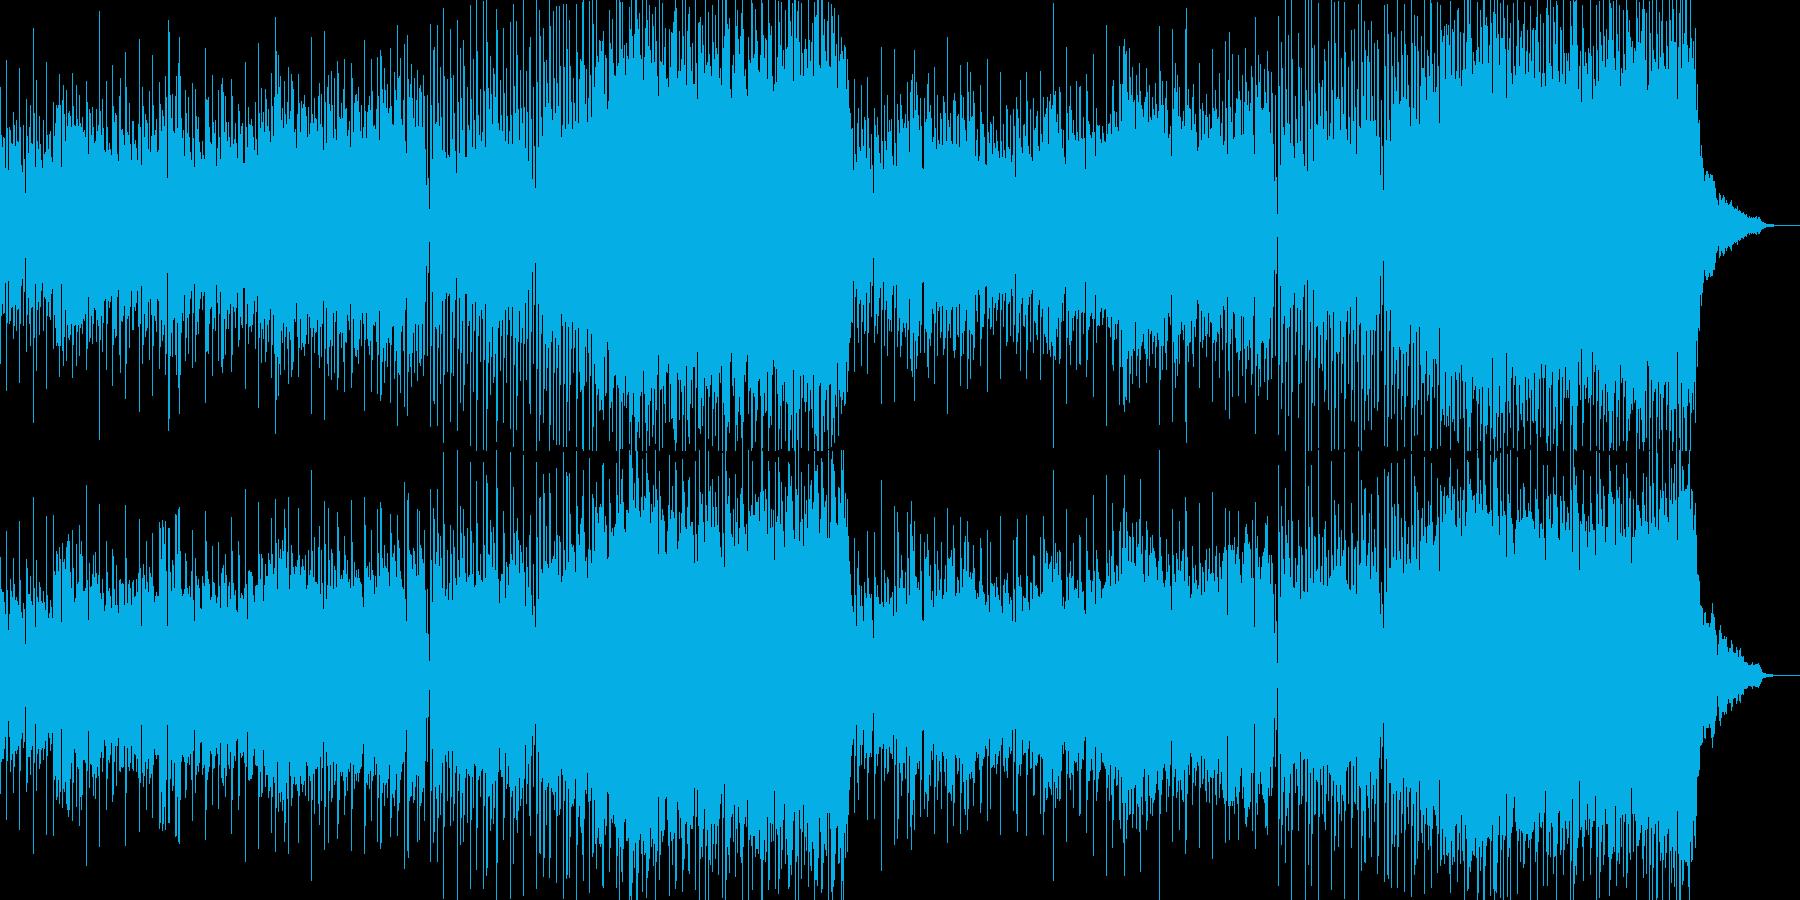 ひなびた懐かしい雰囲気のオルガンPOPSの再生済みの波形